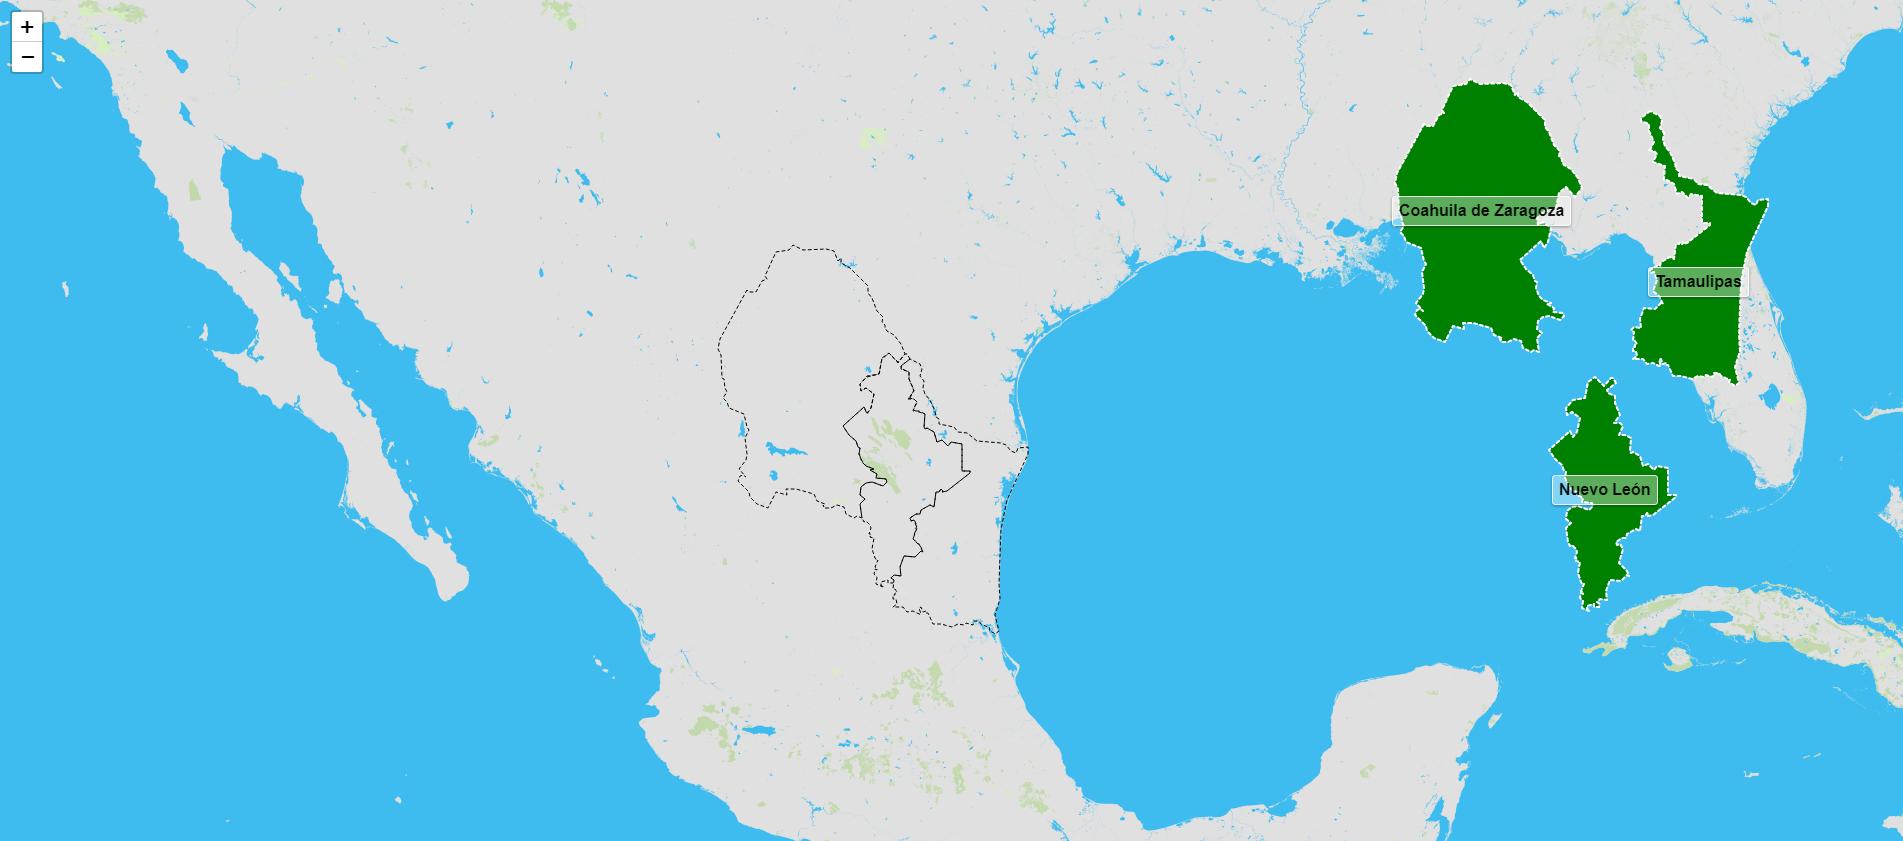 Estados de la región noreste de México